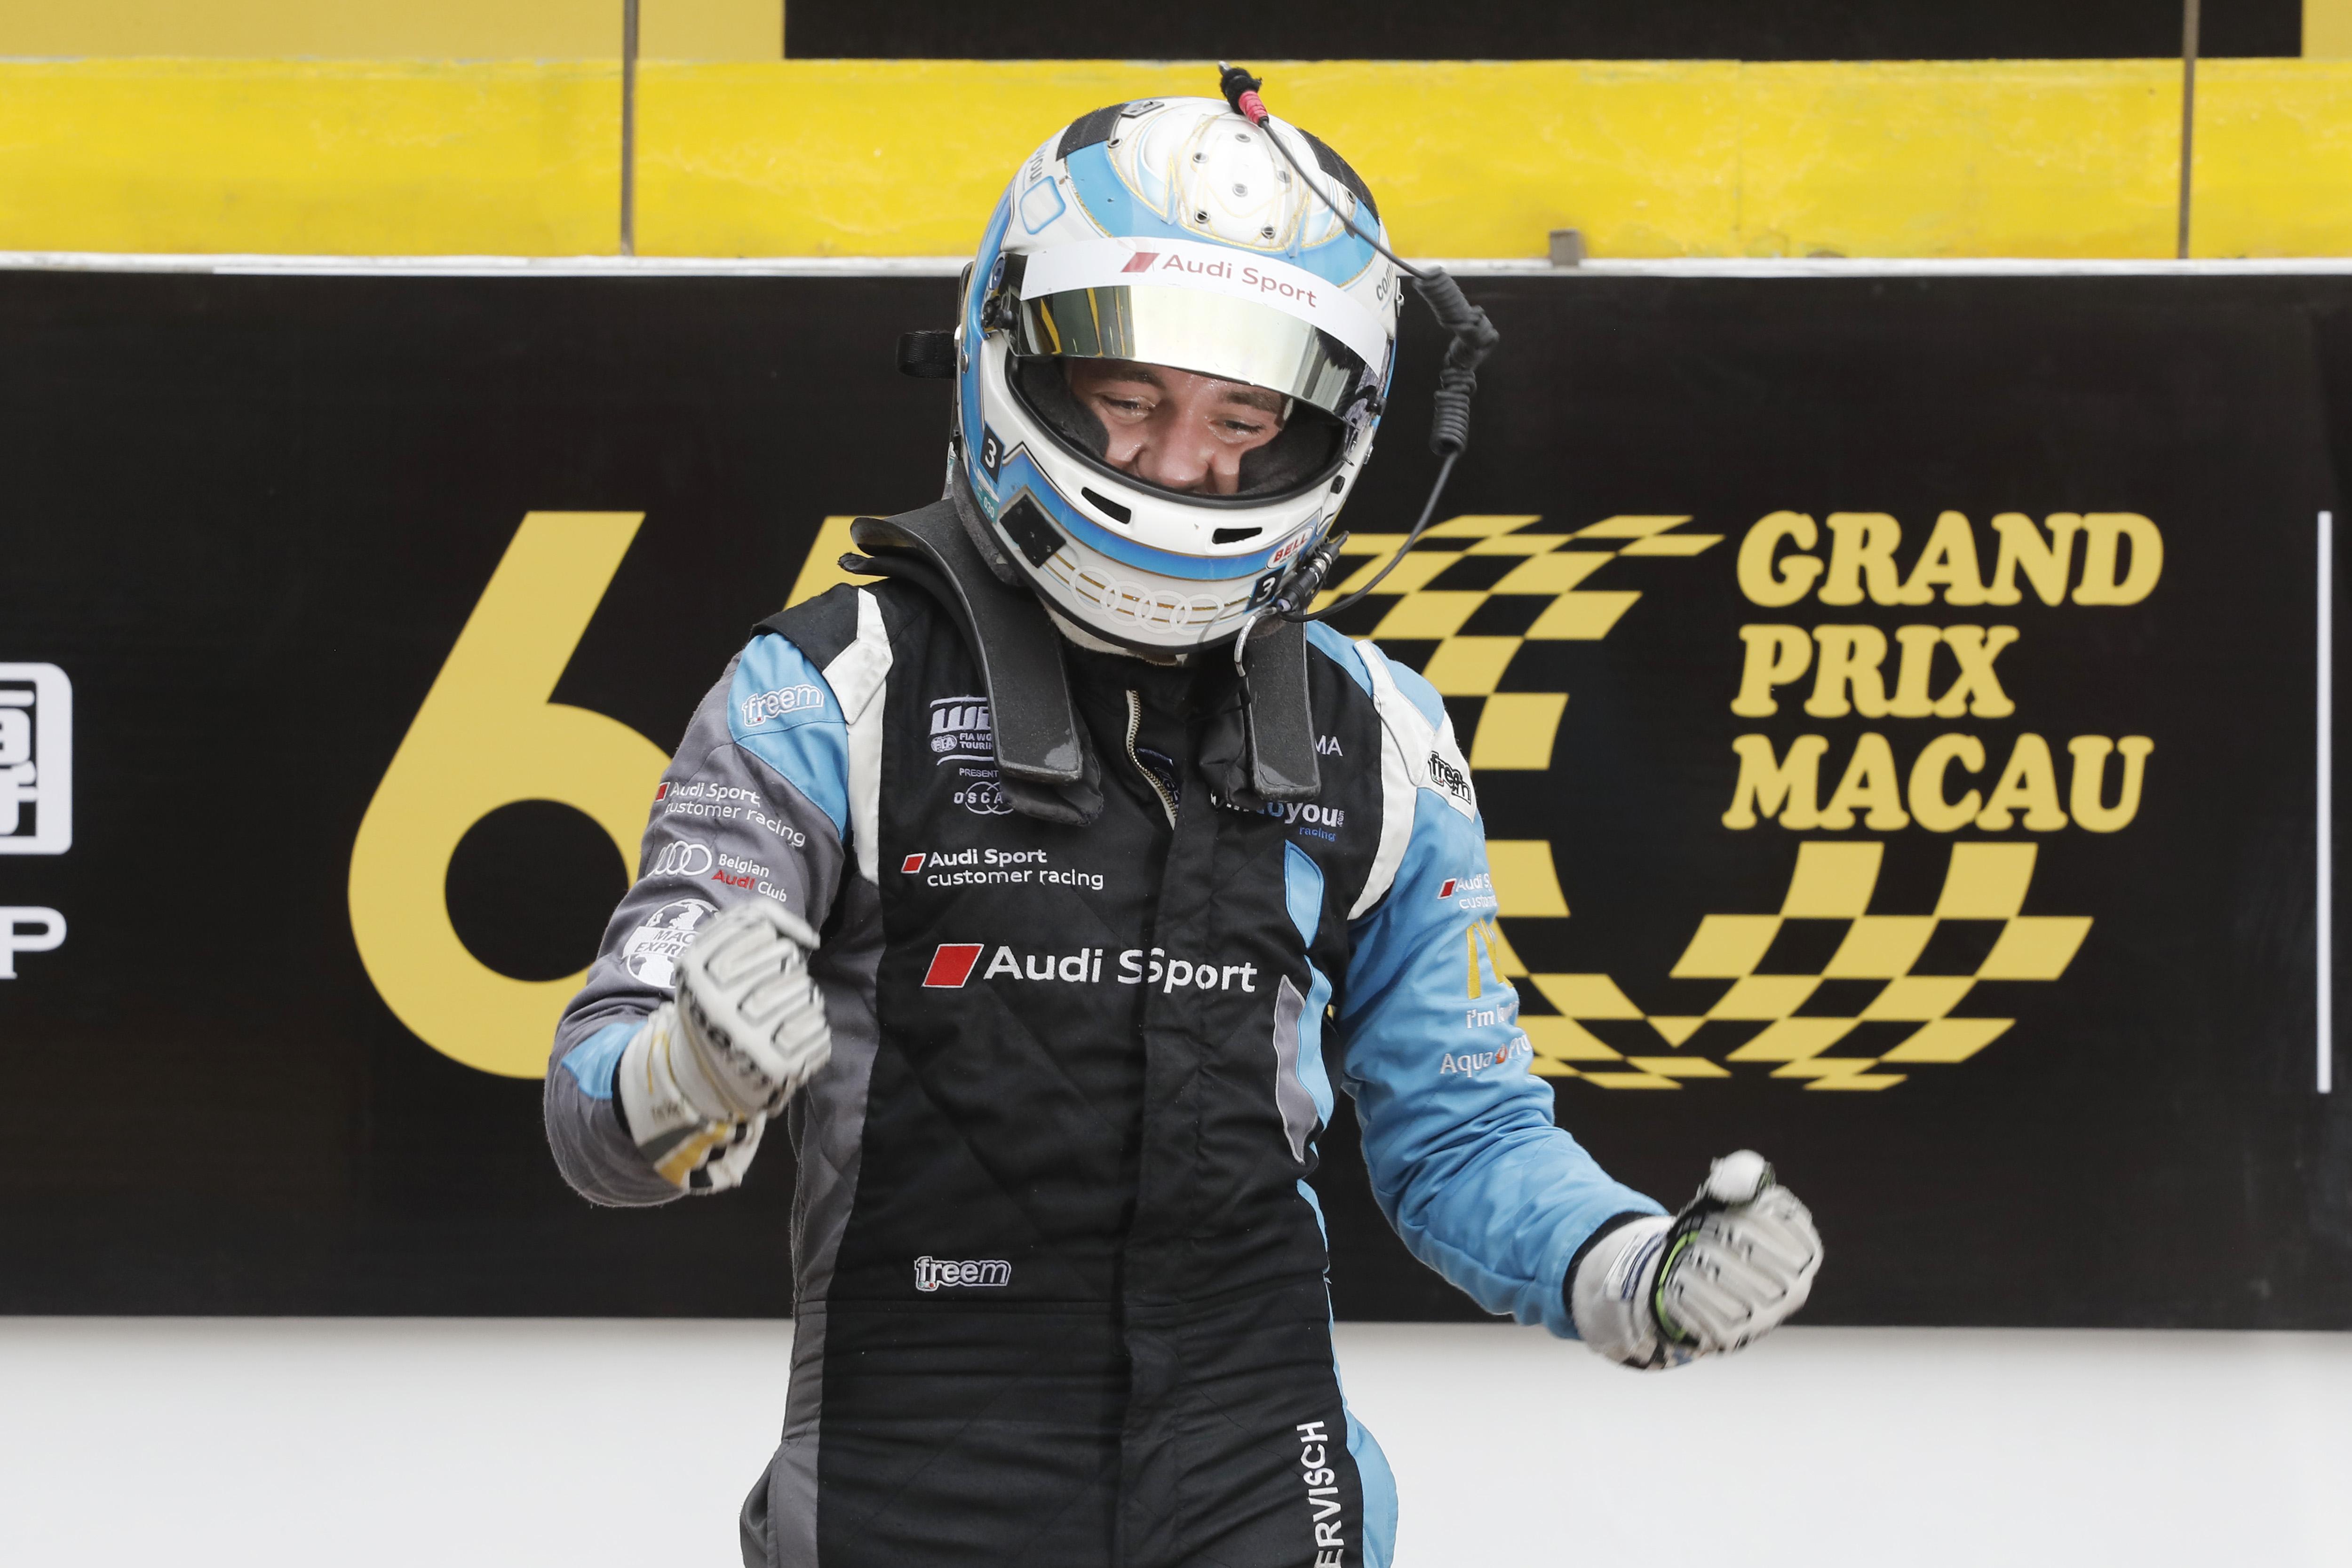 Bisherige Sieger des WTCR-Rennen von Macau